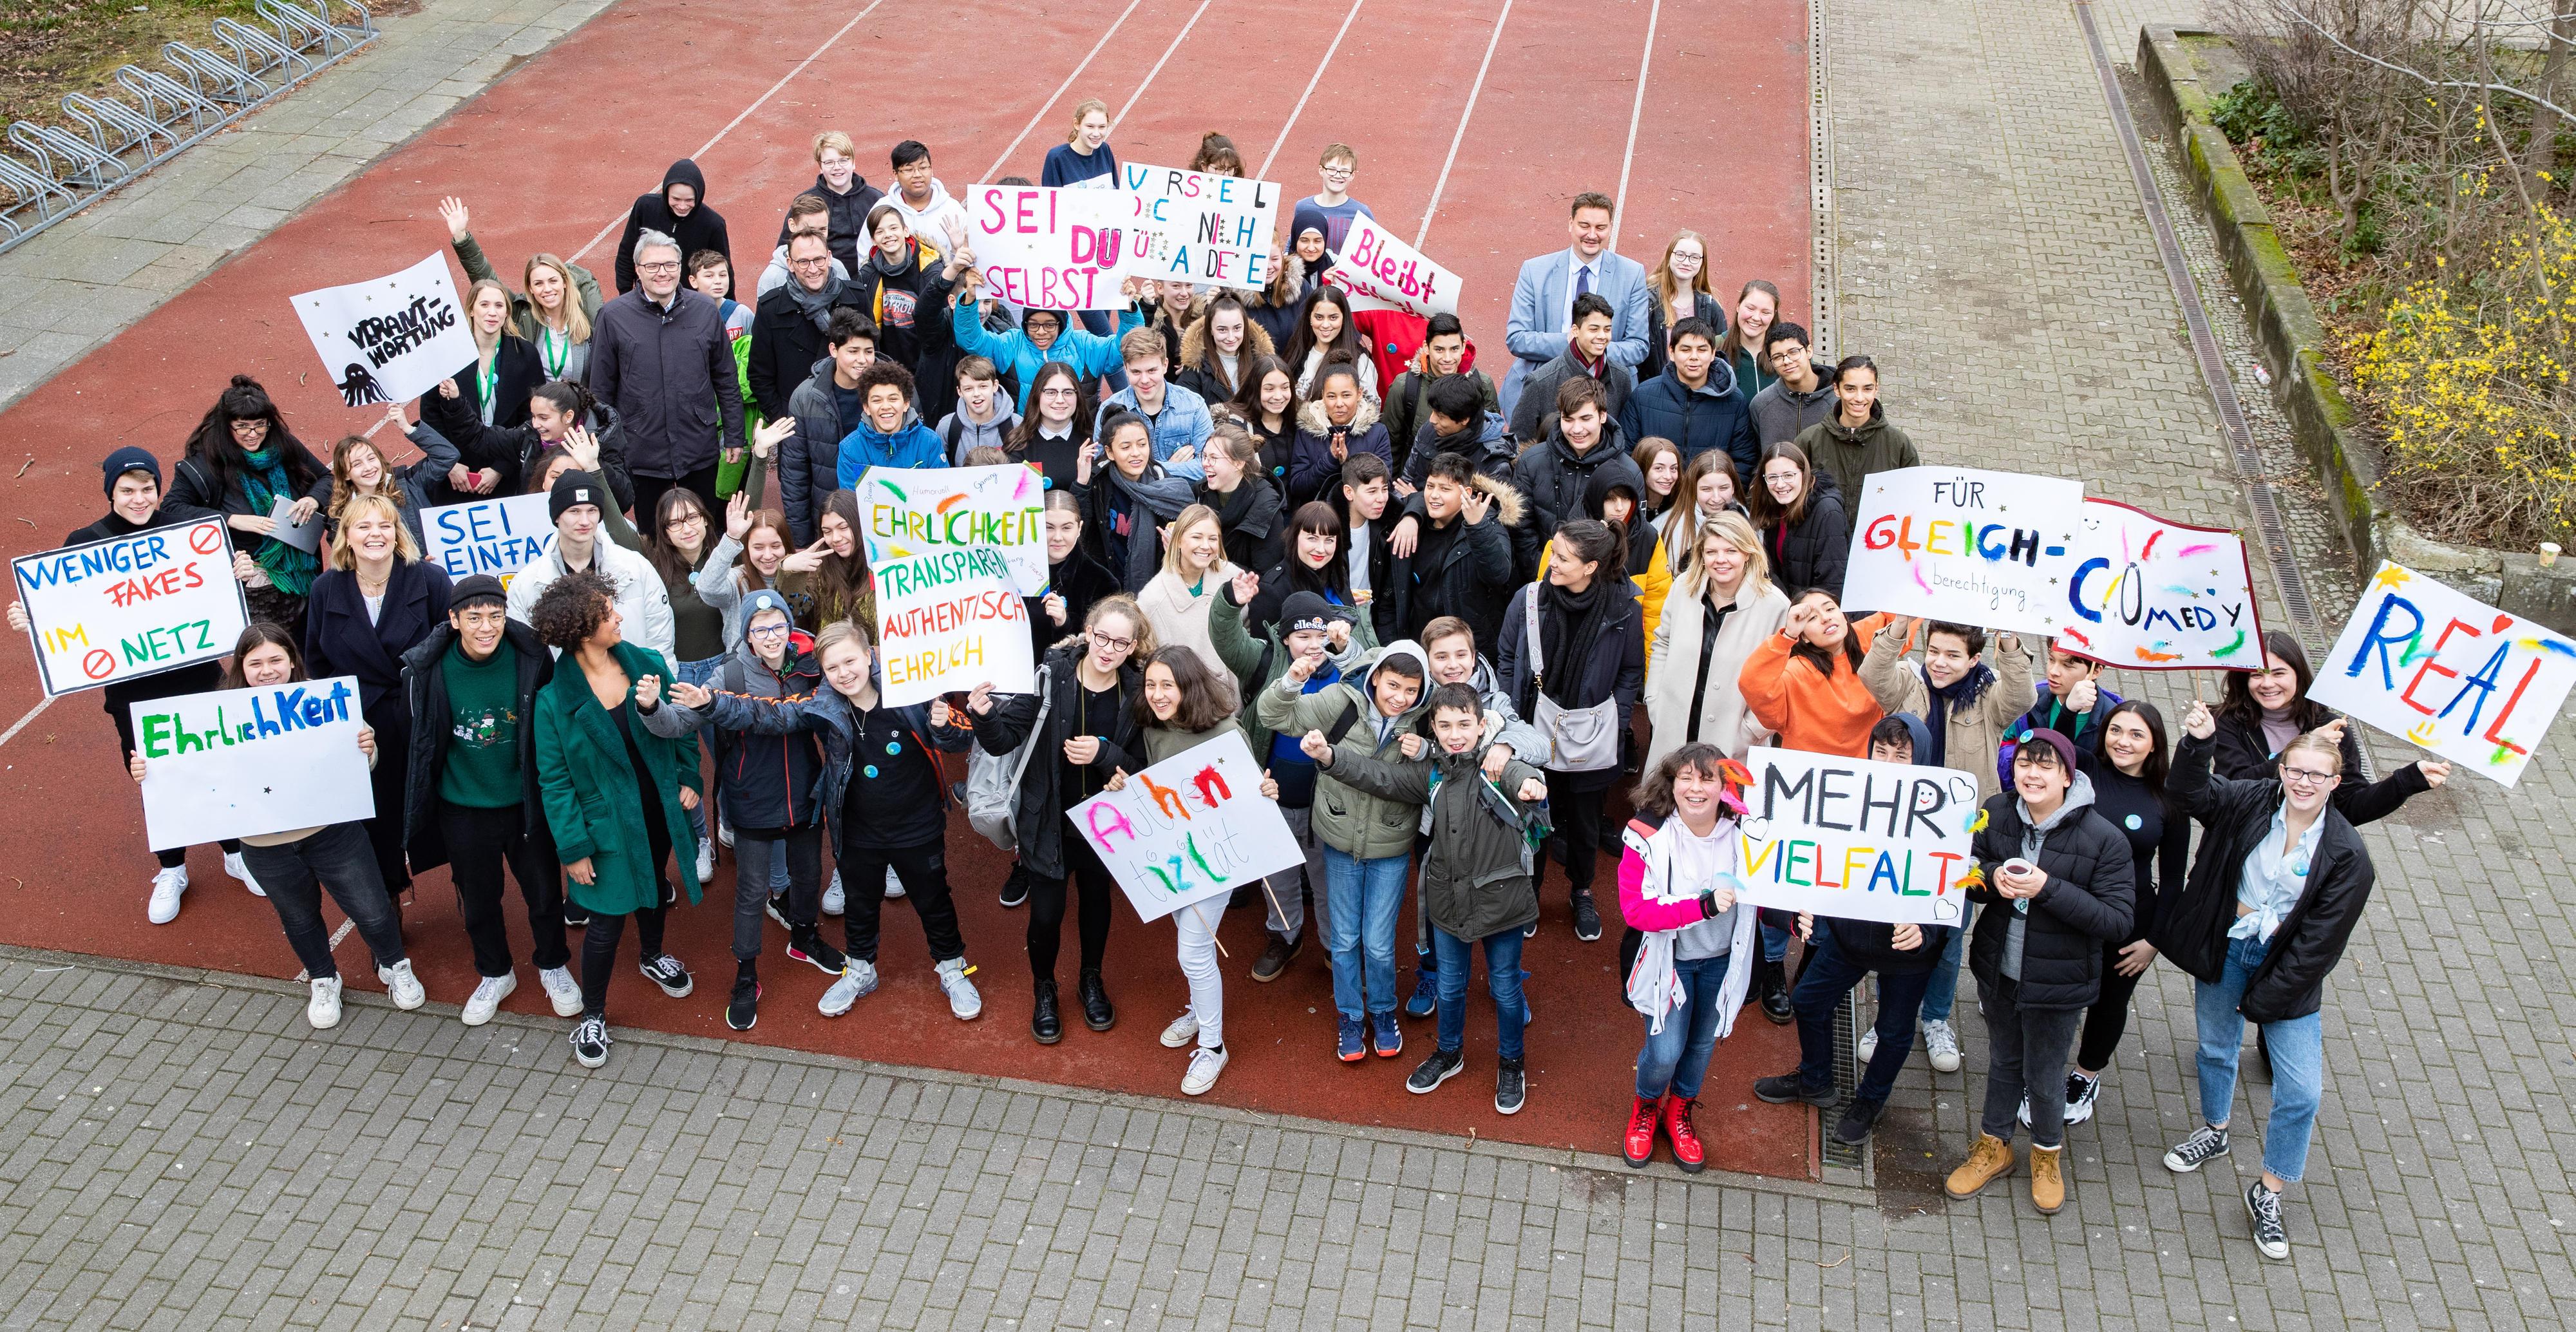 Eine Gruppe von Jugendlichen hält Transparente zu mehr Ehrlichkeit und Vielfalt hoch